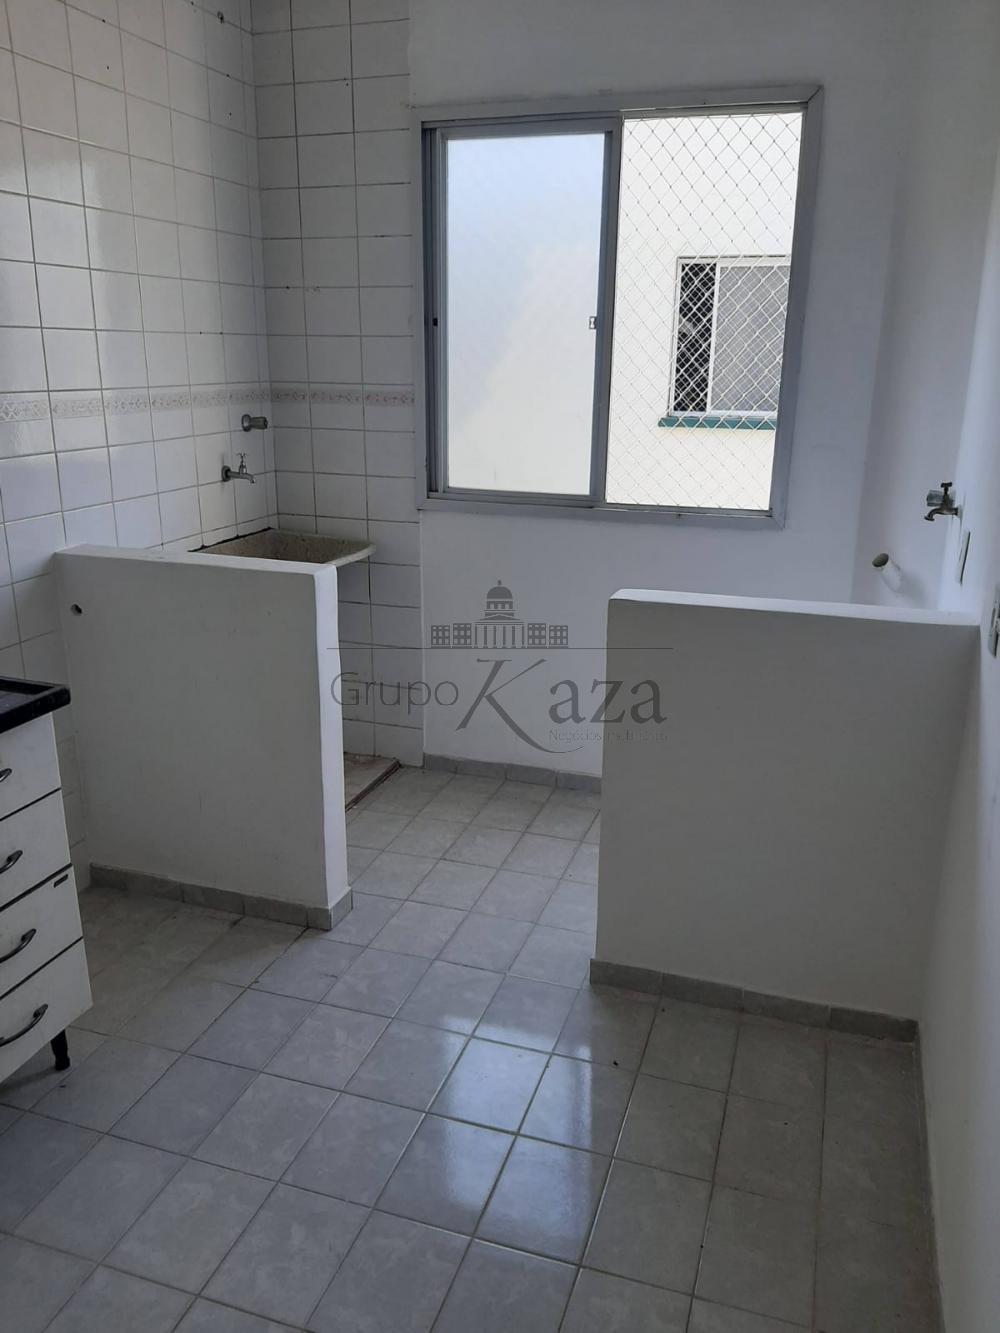 alt='Comprar Apartamento / Padrão em Jacareí R$ 180.000,00 - Foto 2' title='Comprar Apartamento / Padrão em Jacareí R$ 180.000,00 - Foto 2'